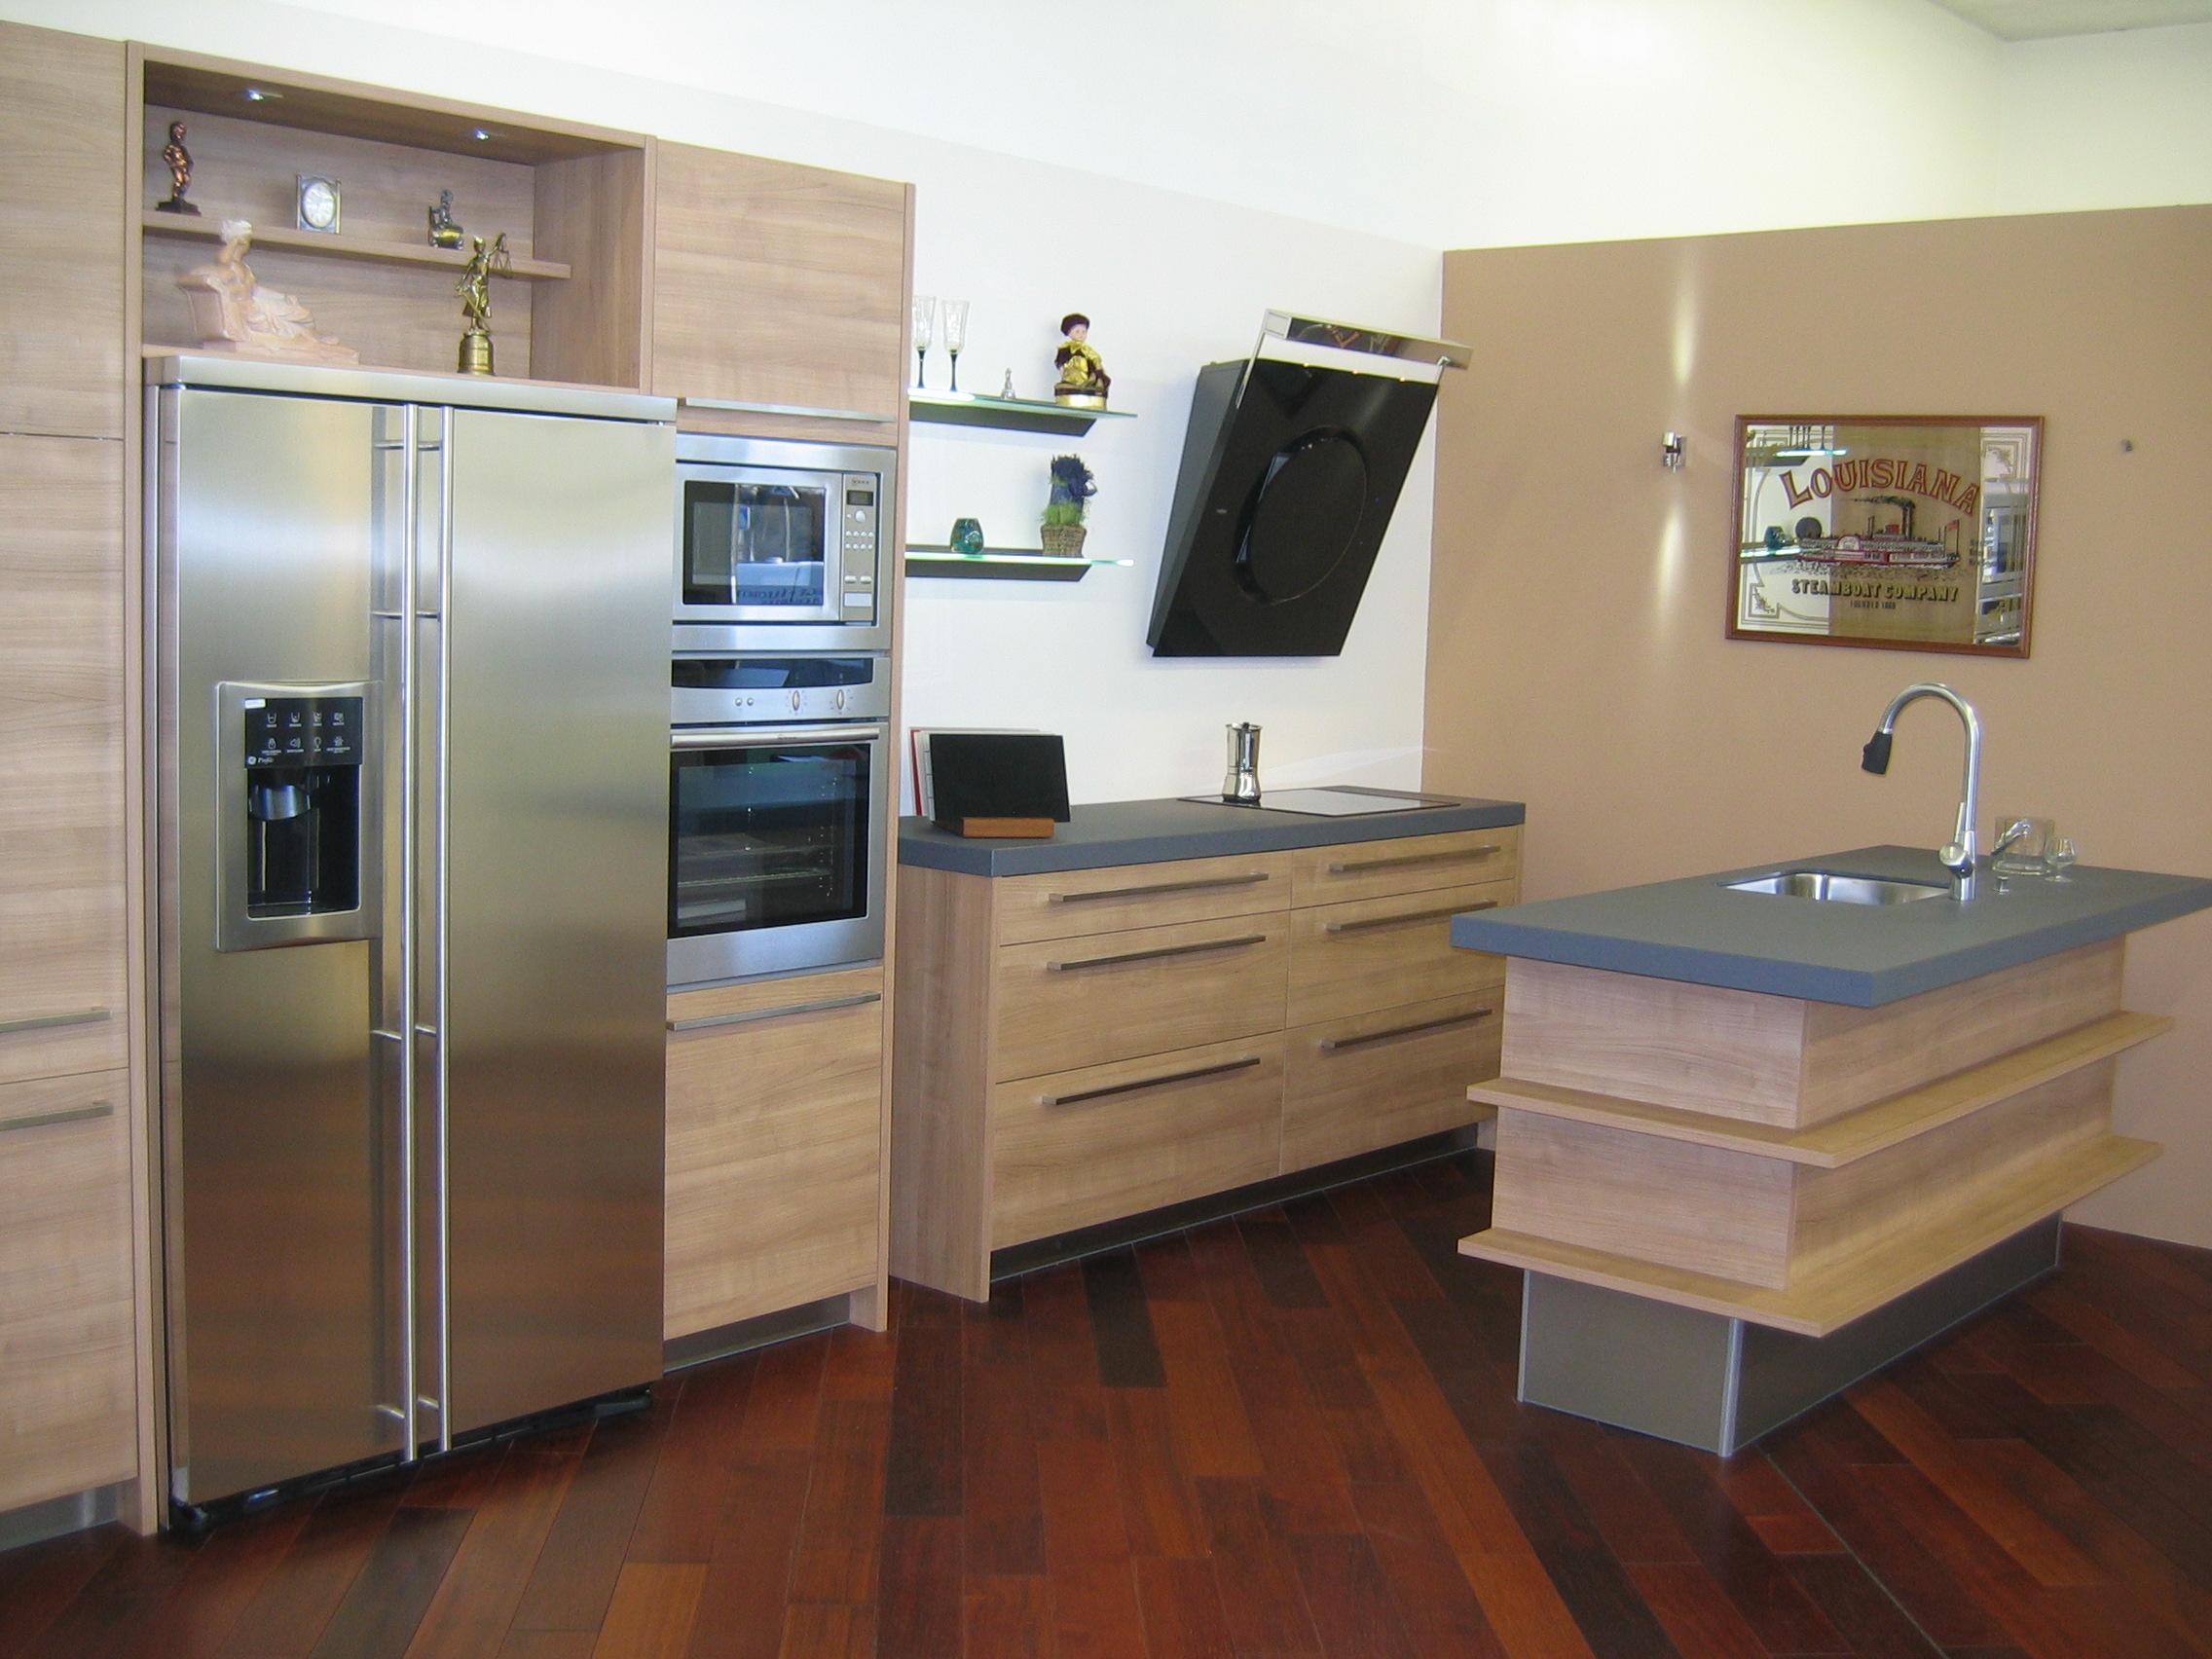 cuisines d 39 exposition en solde paris 94 expo cuisine allemande haut de gamme. Black Bedroom Furniture Sets. Home Design Ideas